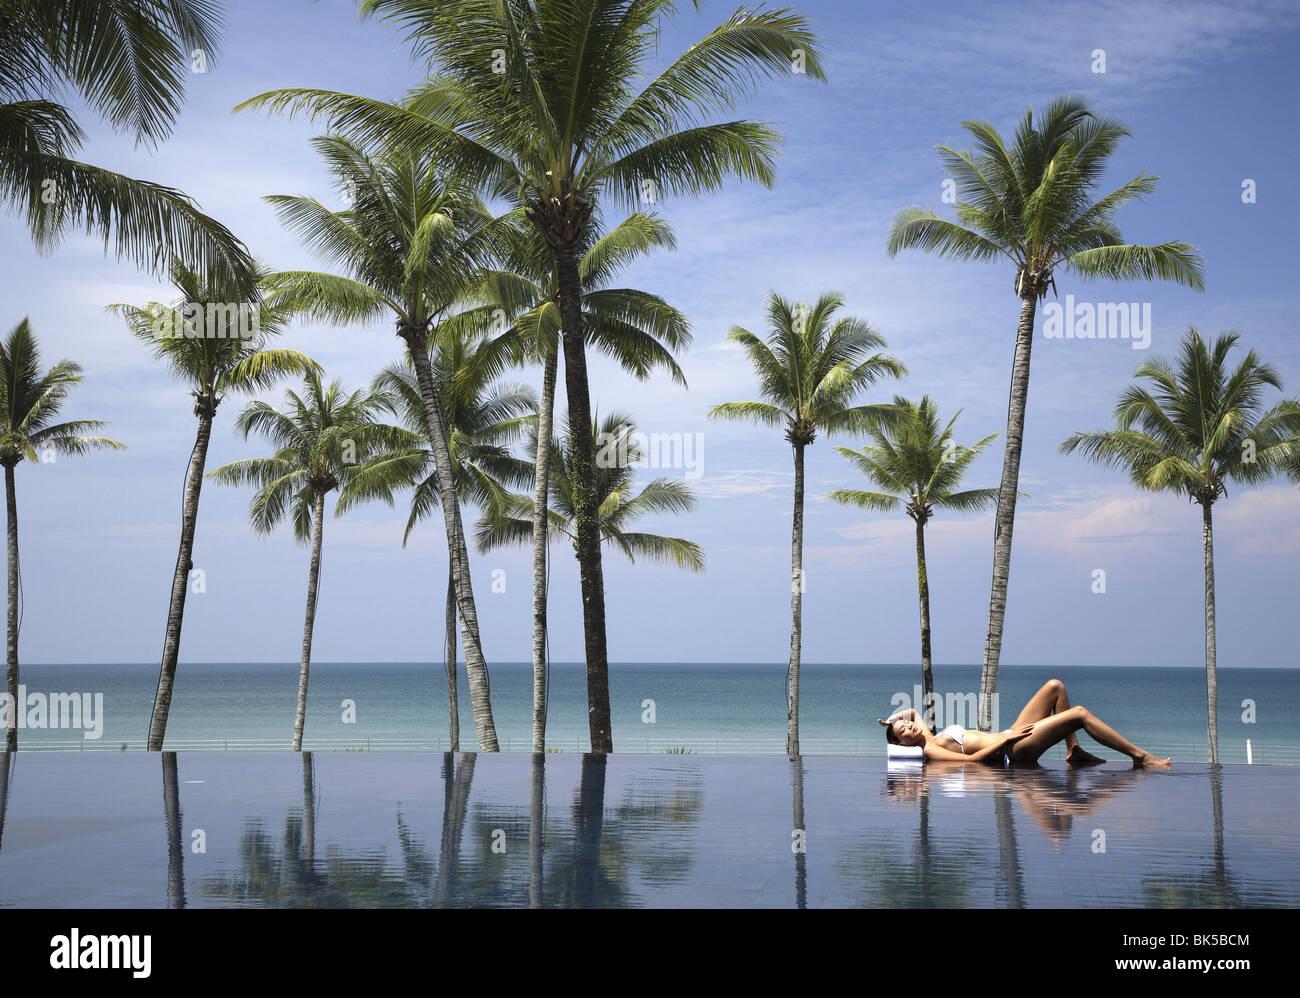 Giovane donna a rilassarci in piscina con palme e il mare oltre Immagini Stock